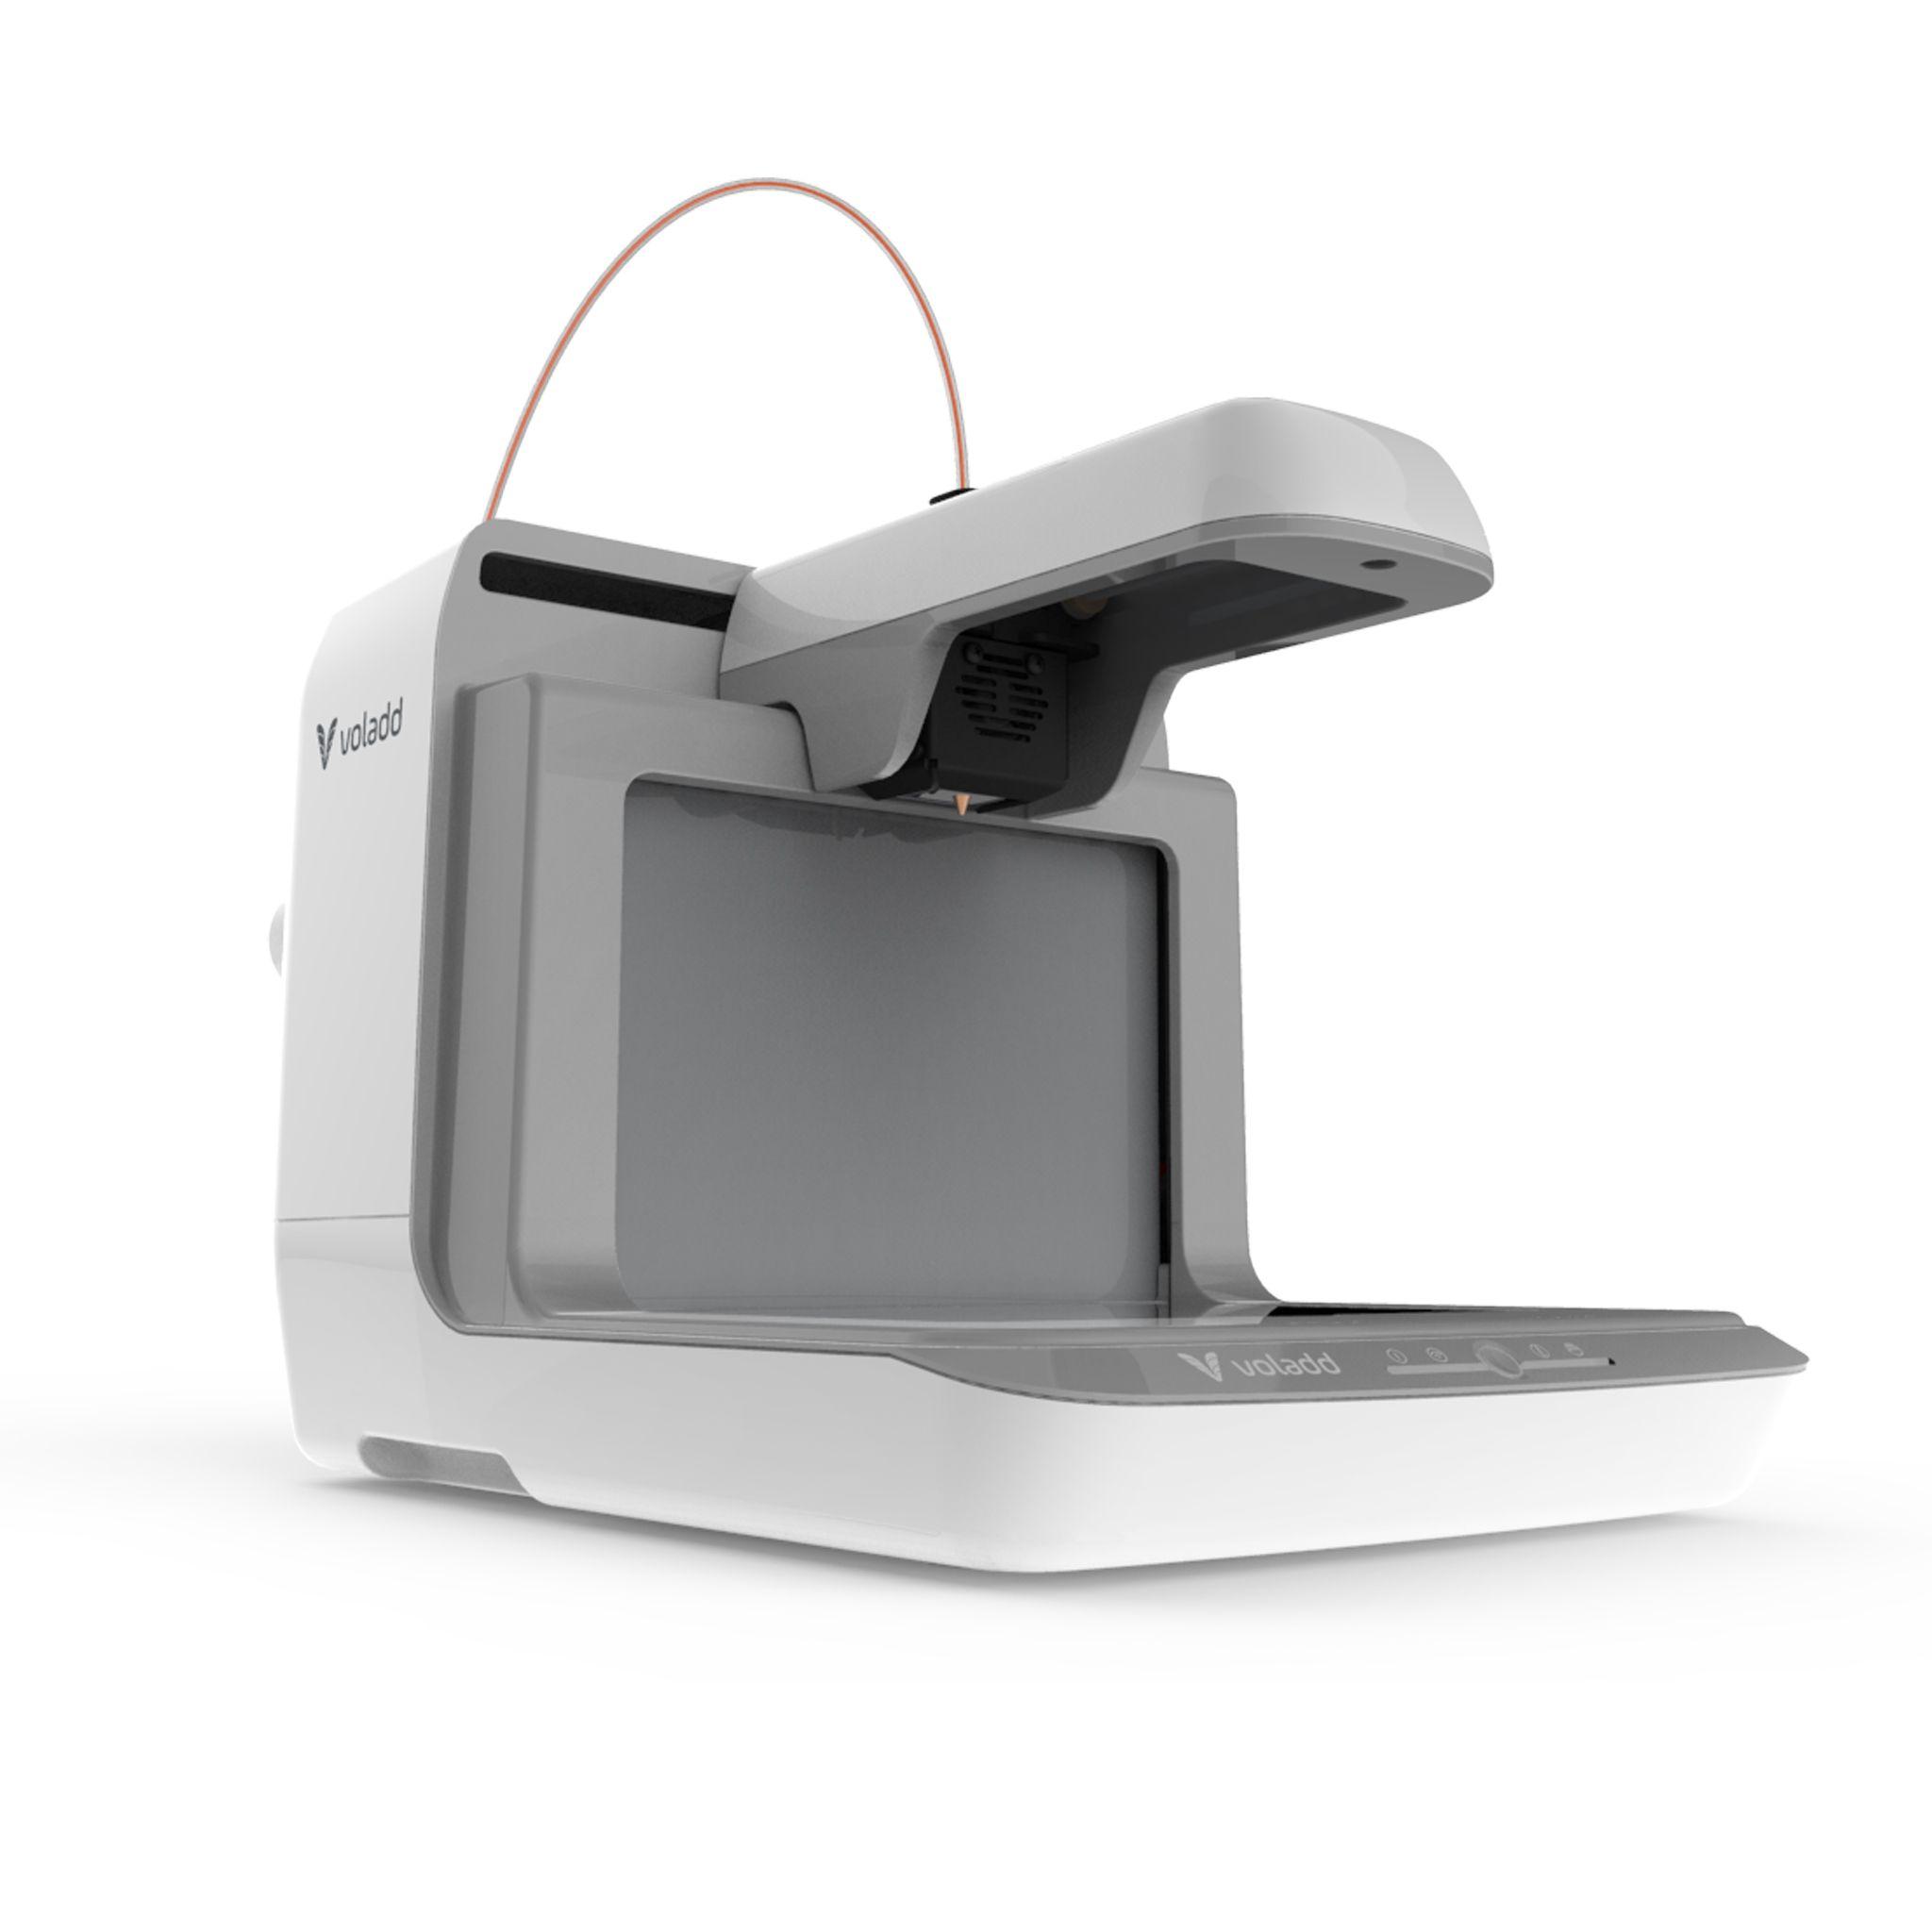 Llega Voladd, la primera impresora 3D con sentido en la vida cotidiana